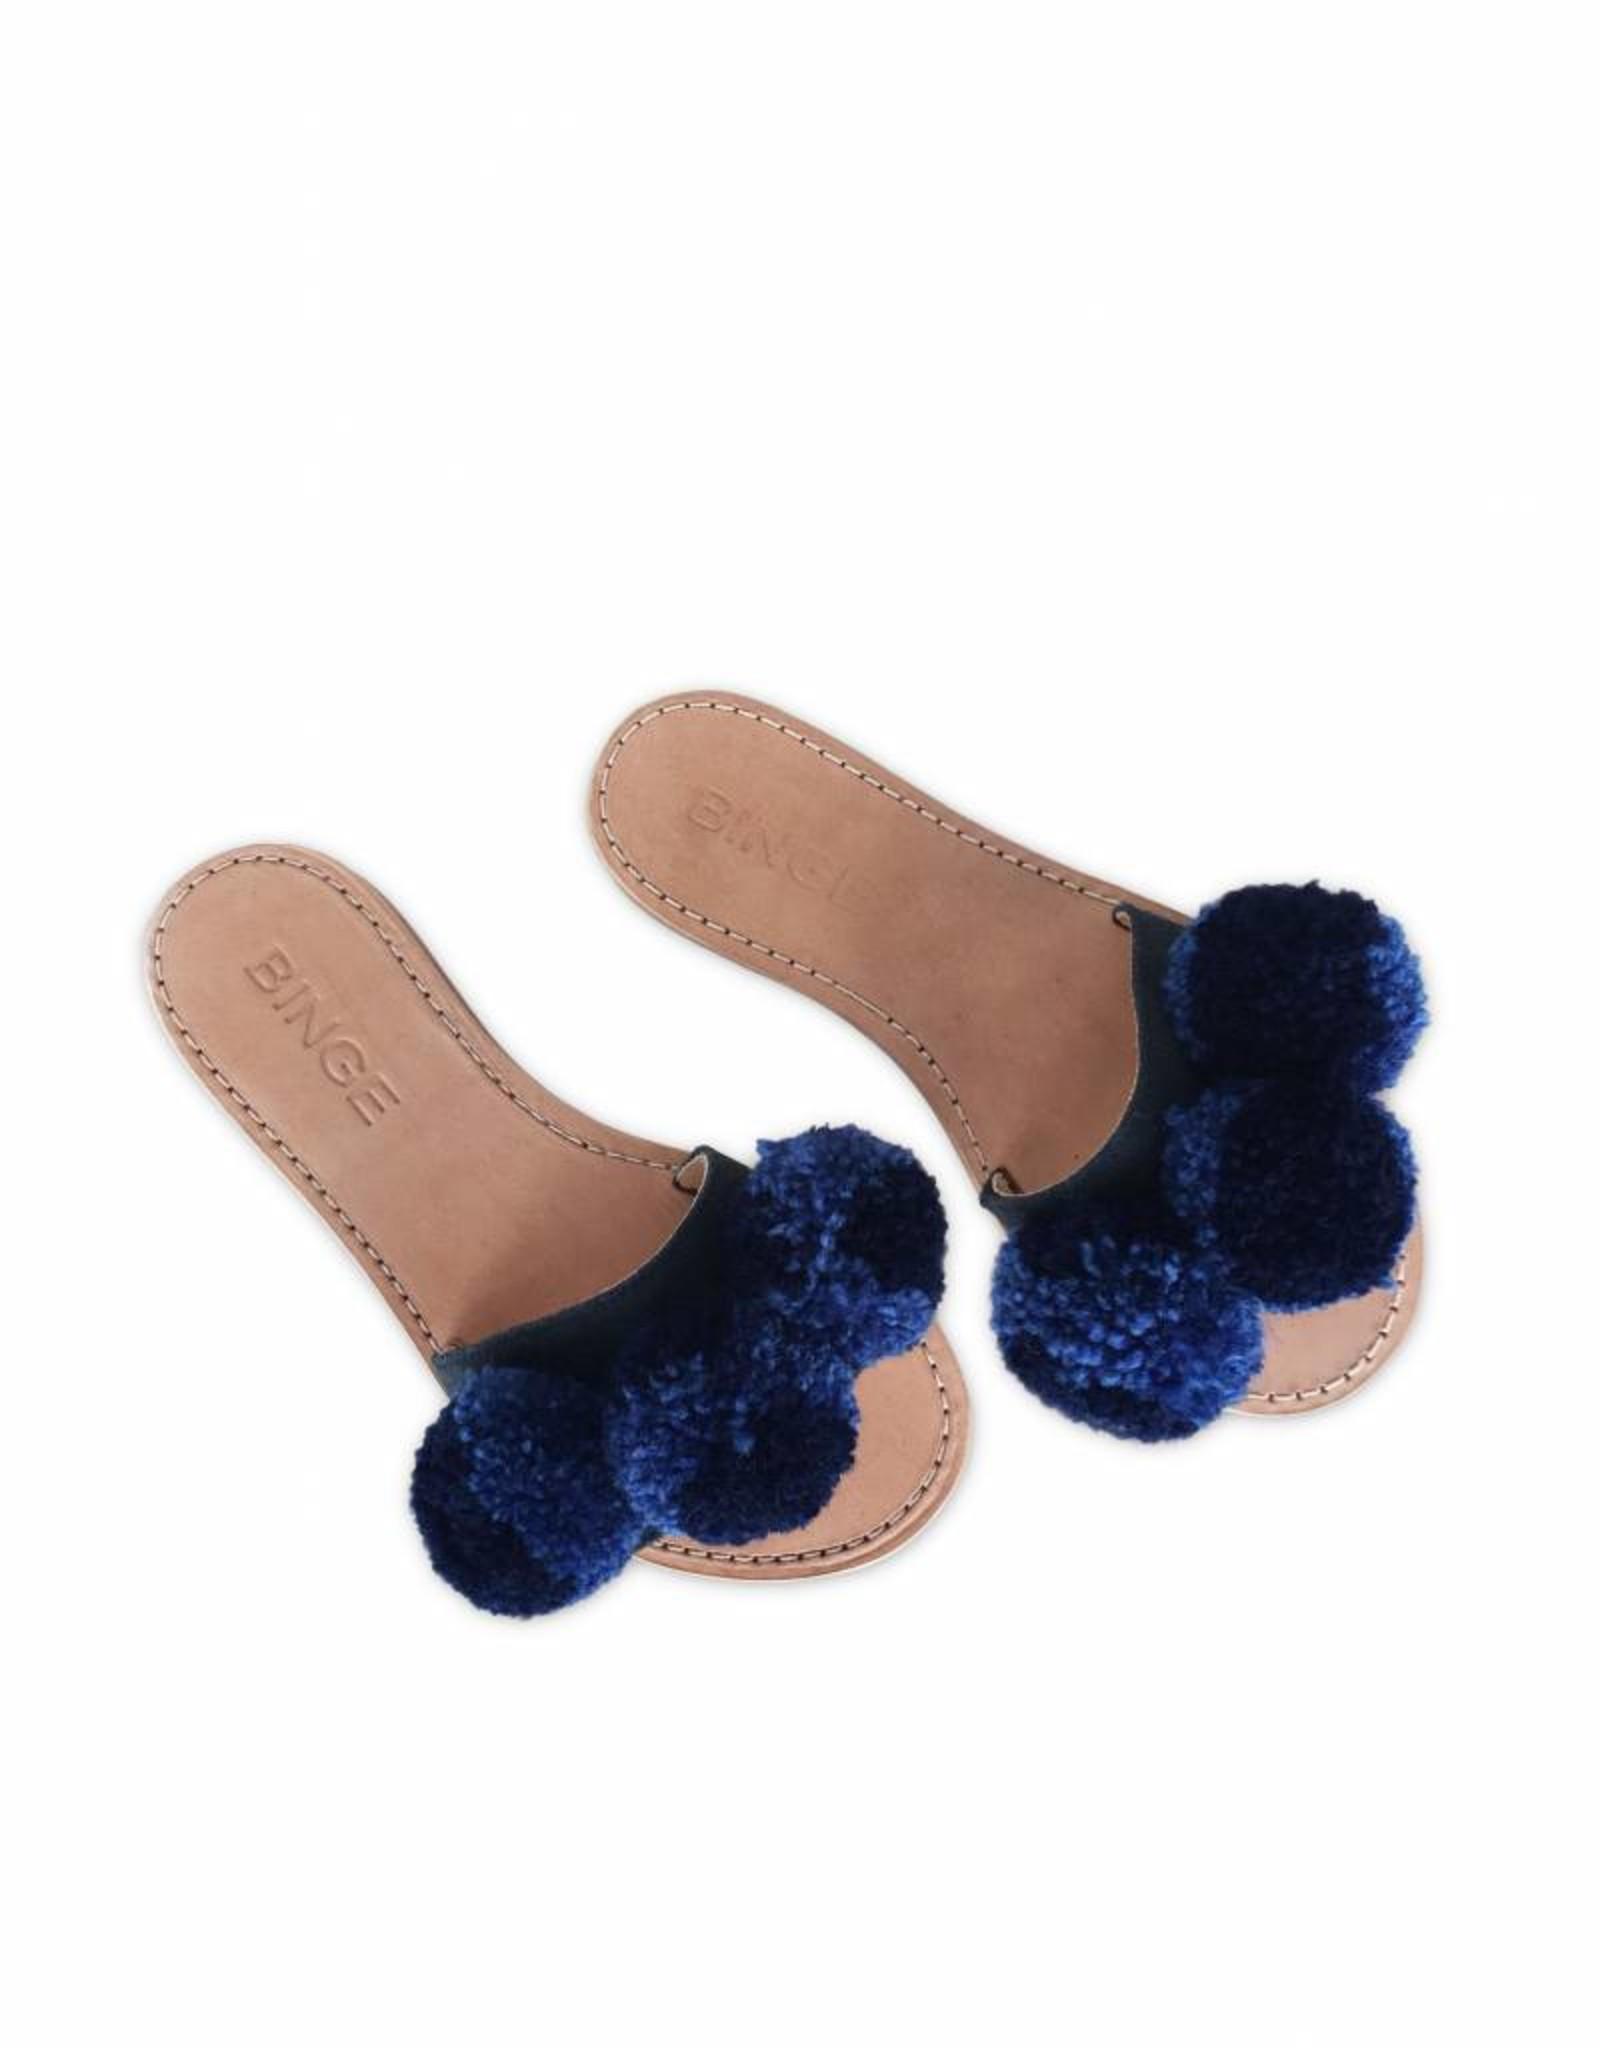 Binge Navy/Indigo Pom Slip-Ons Sandals